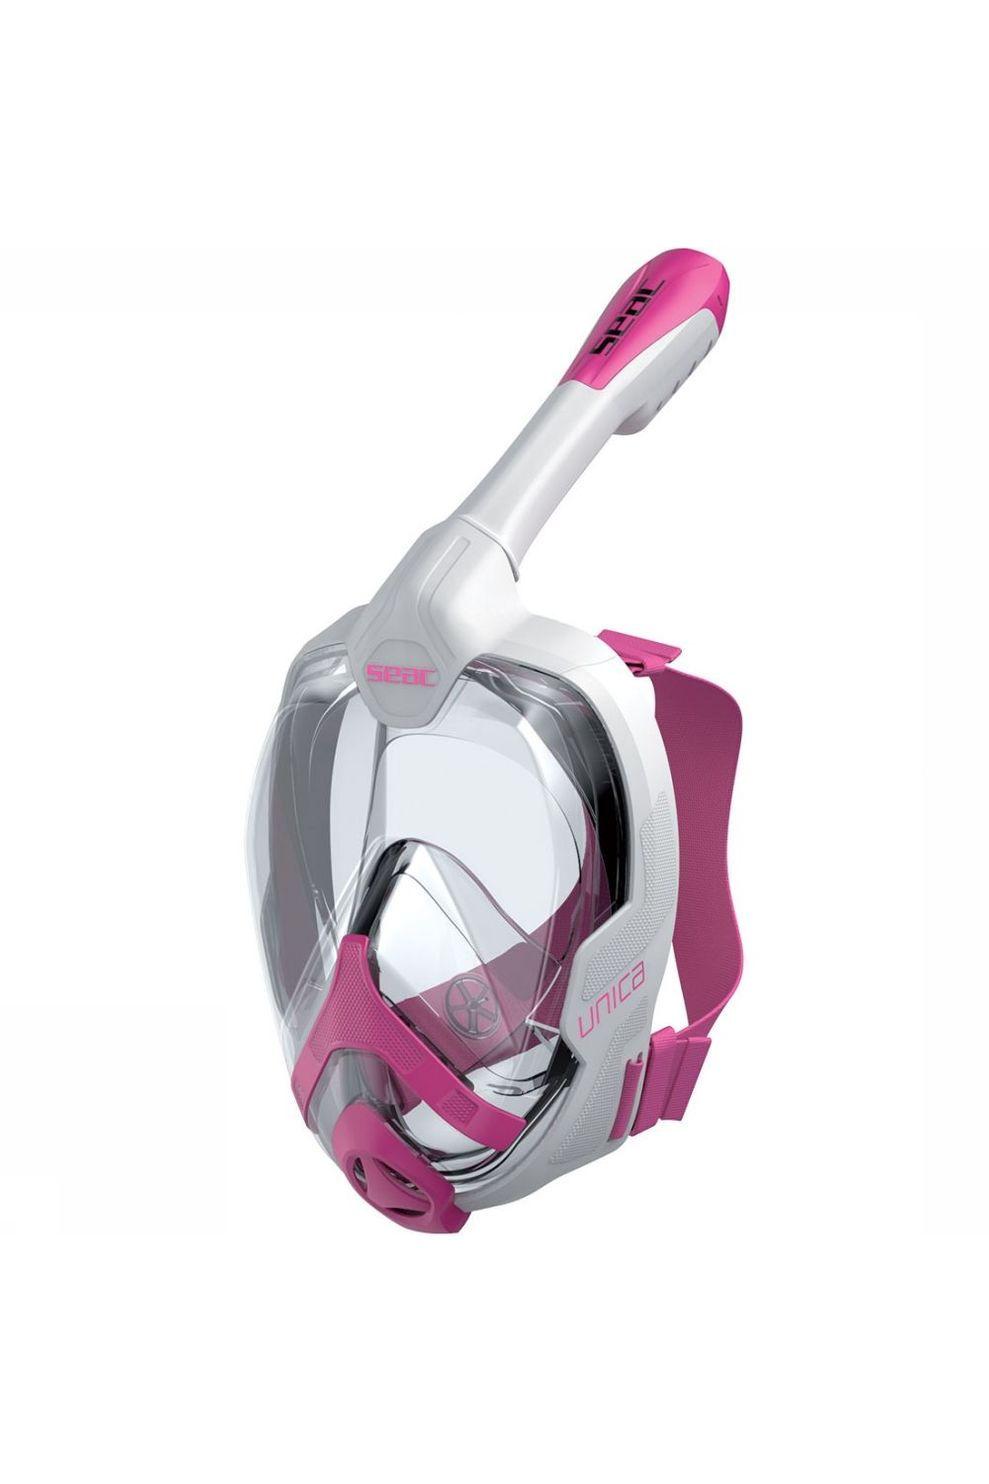 SEAC Unica S/M Snorkelmasker Wit/Middenroze